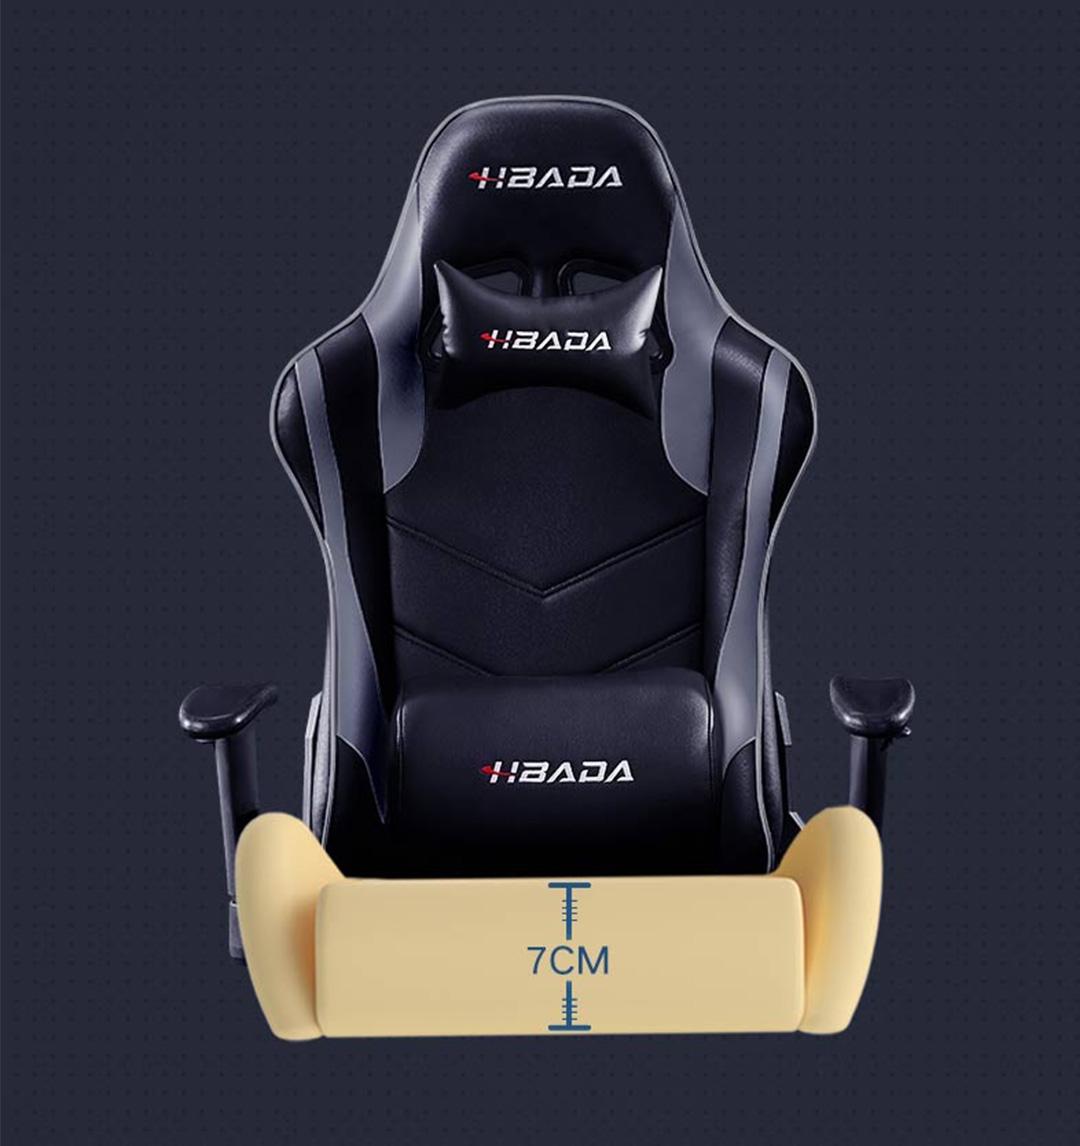 Hbada Gaming Chair Hero-Series Pro